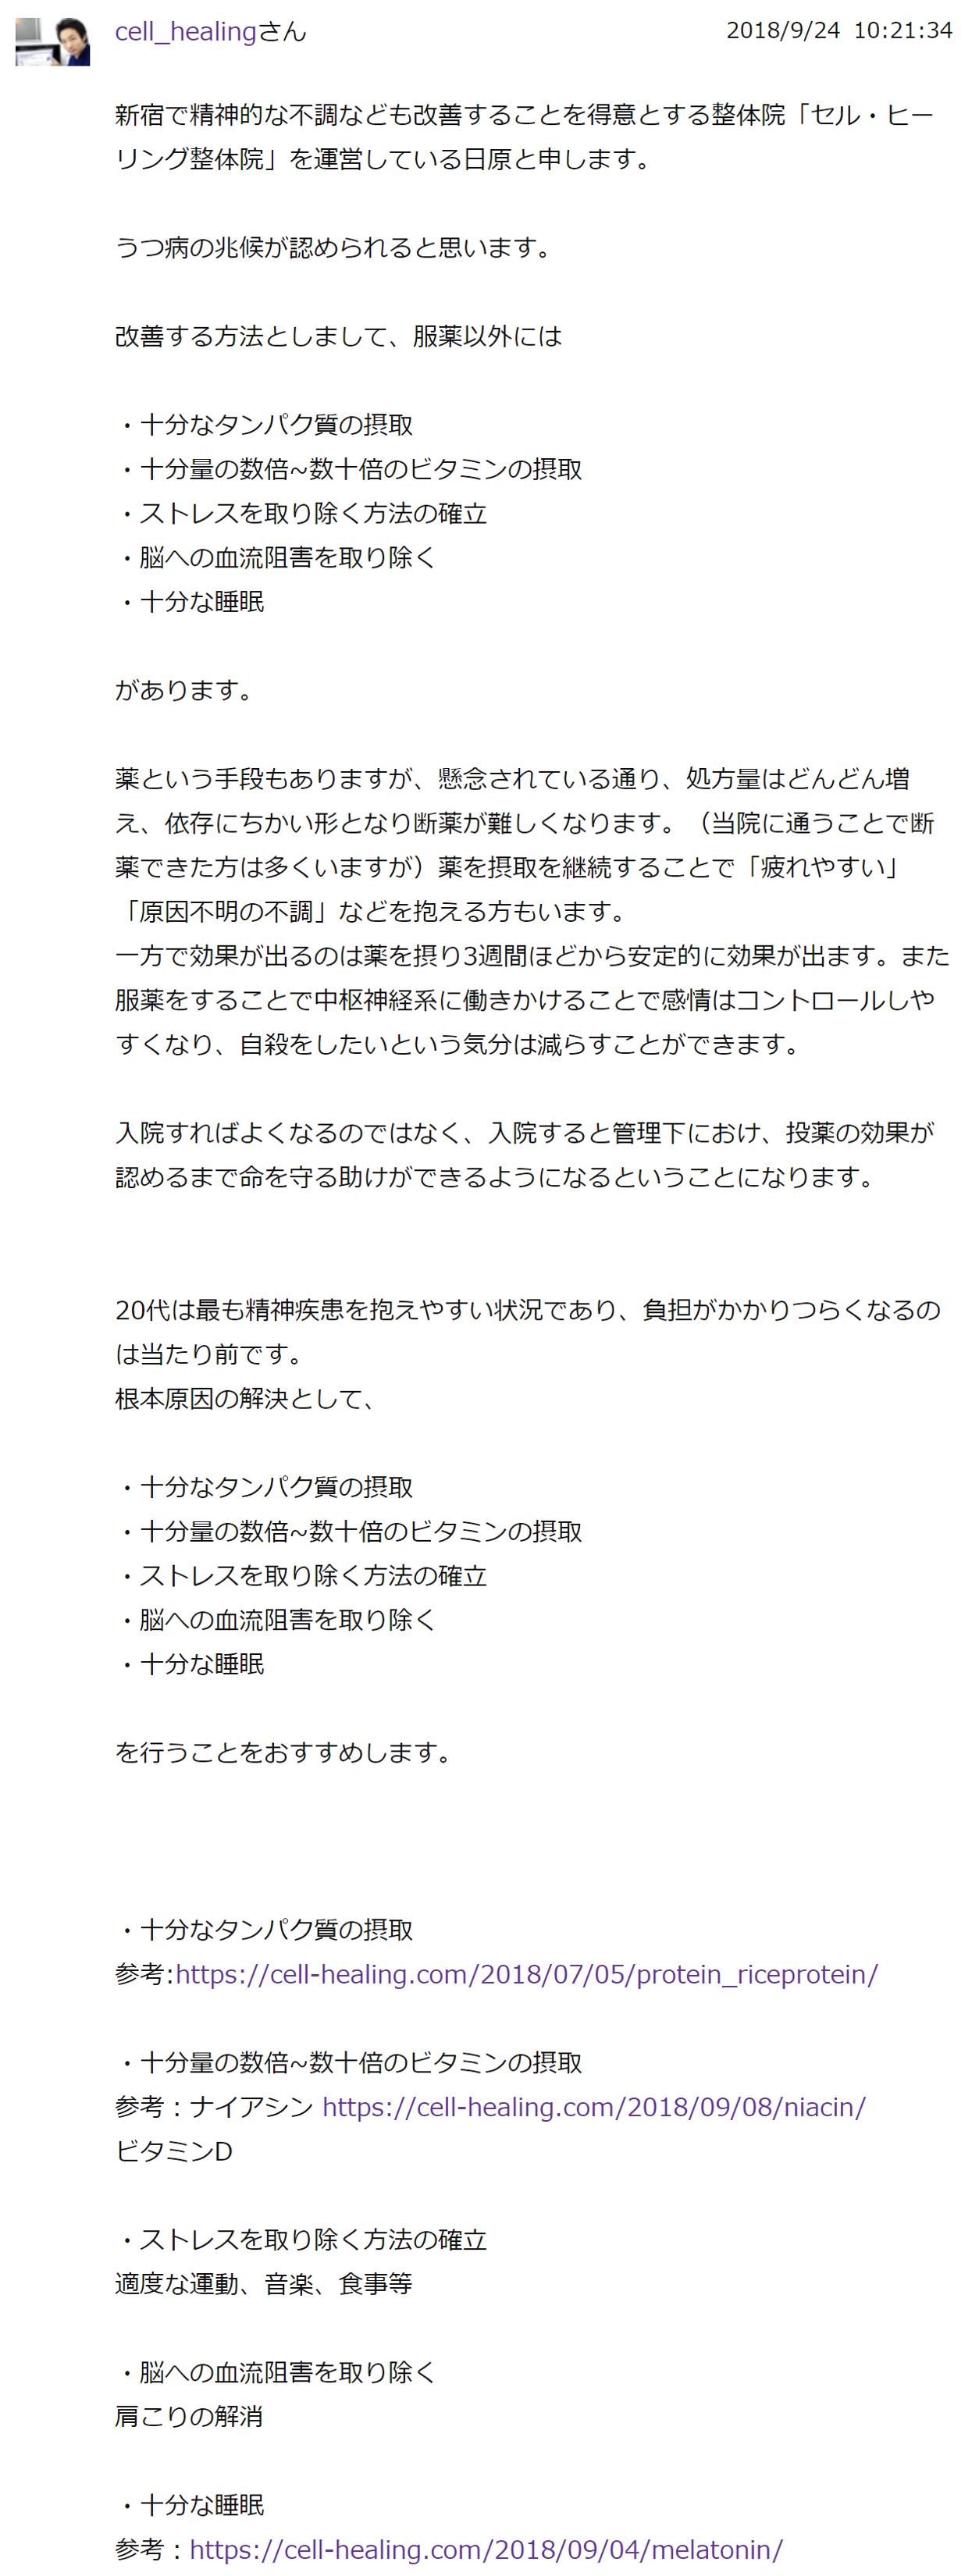 chiebukuro_15A